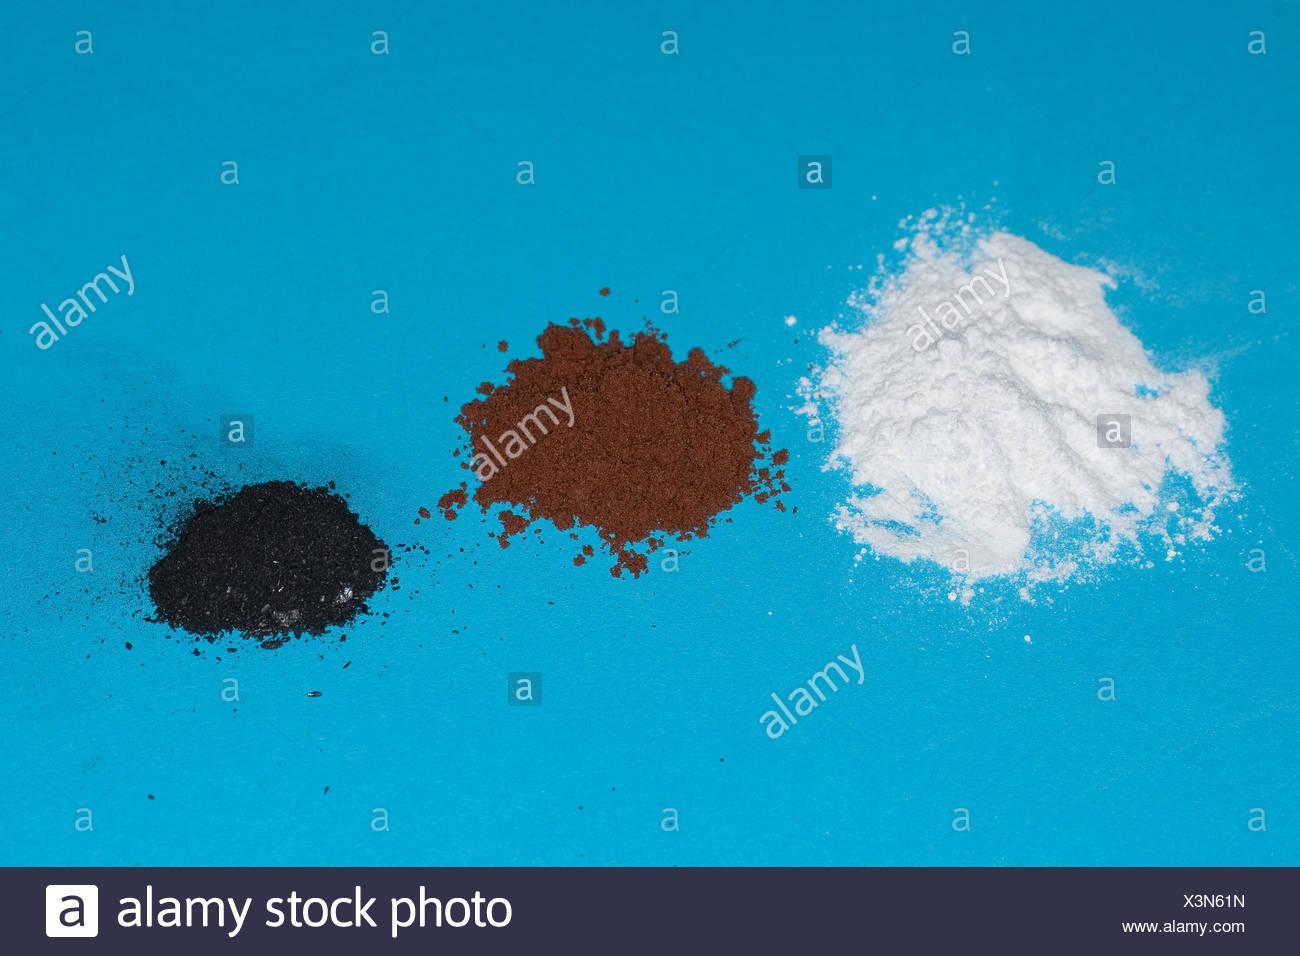 Matériel pour la prise des empreintes digitales: poudre, poudre de cacao, d'un crayon graphite Photo Stock